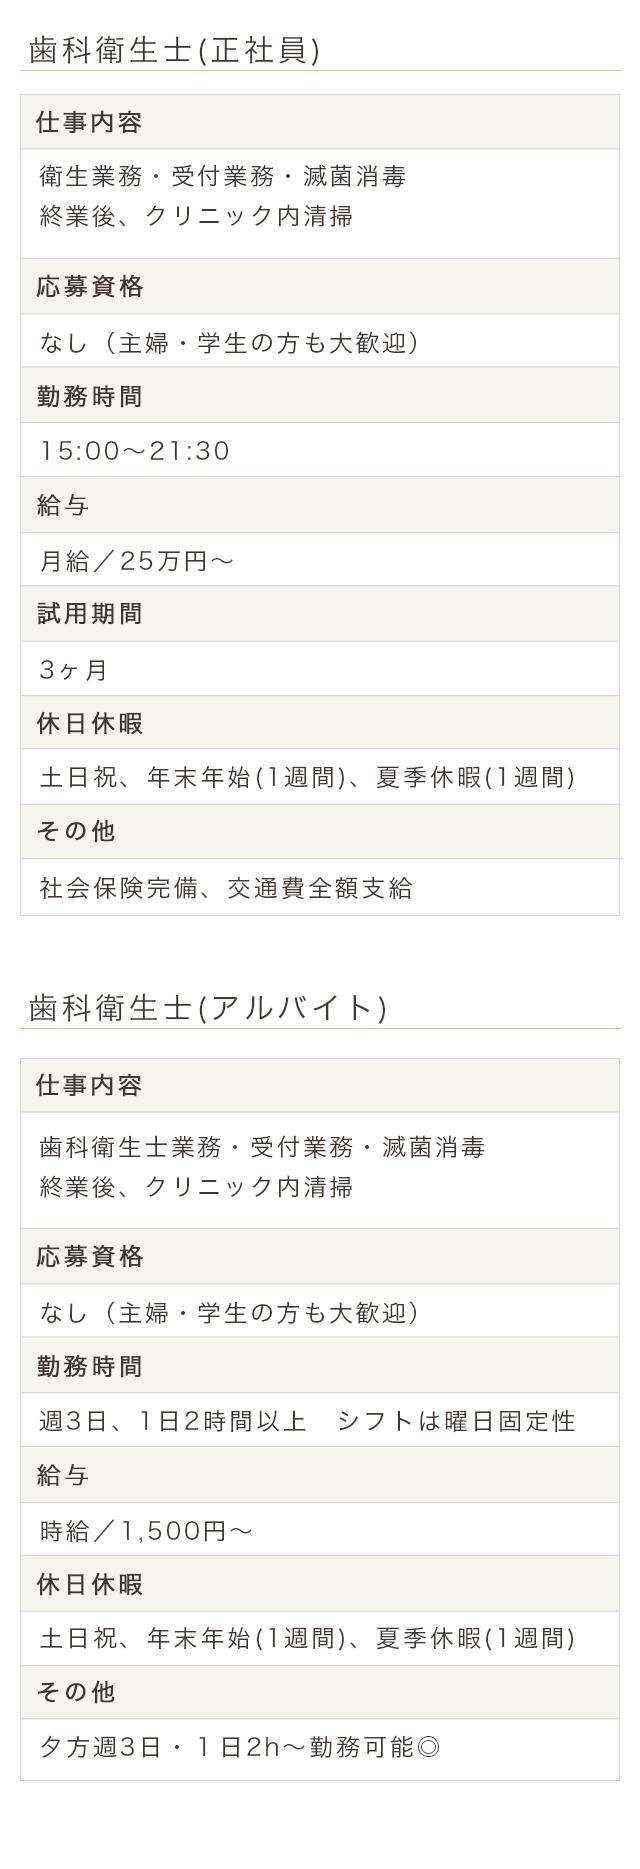 sp_c_10